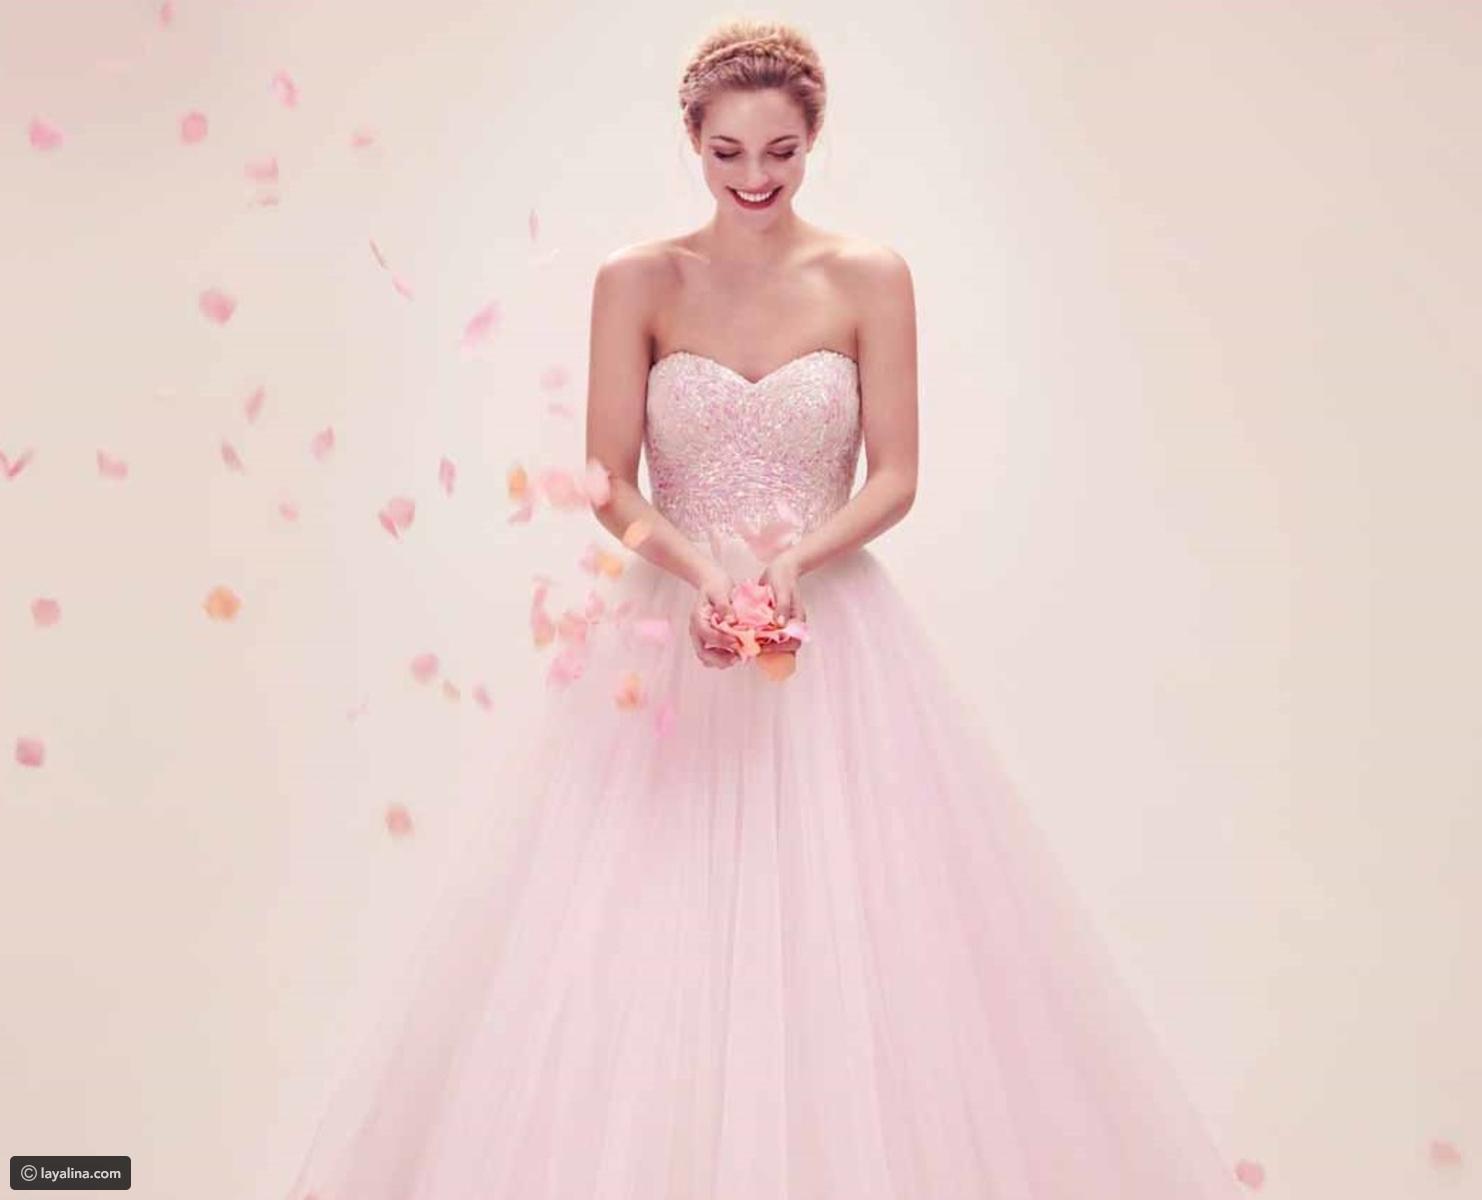 بالصور اجمل فستان في العالم , اشيك فساتين فالعالم 5085 5